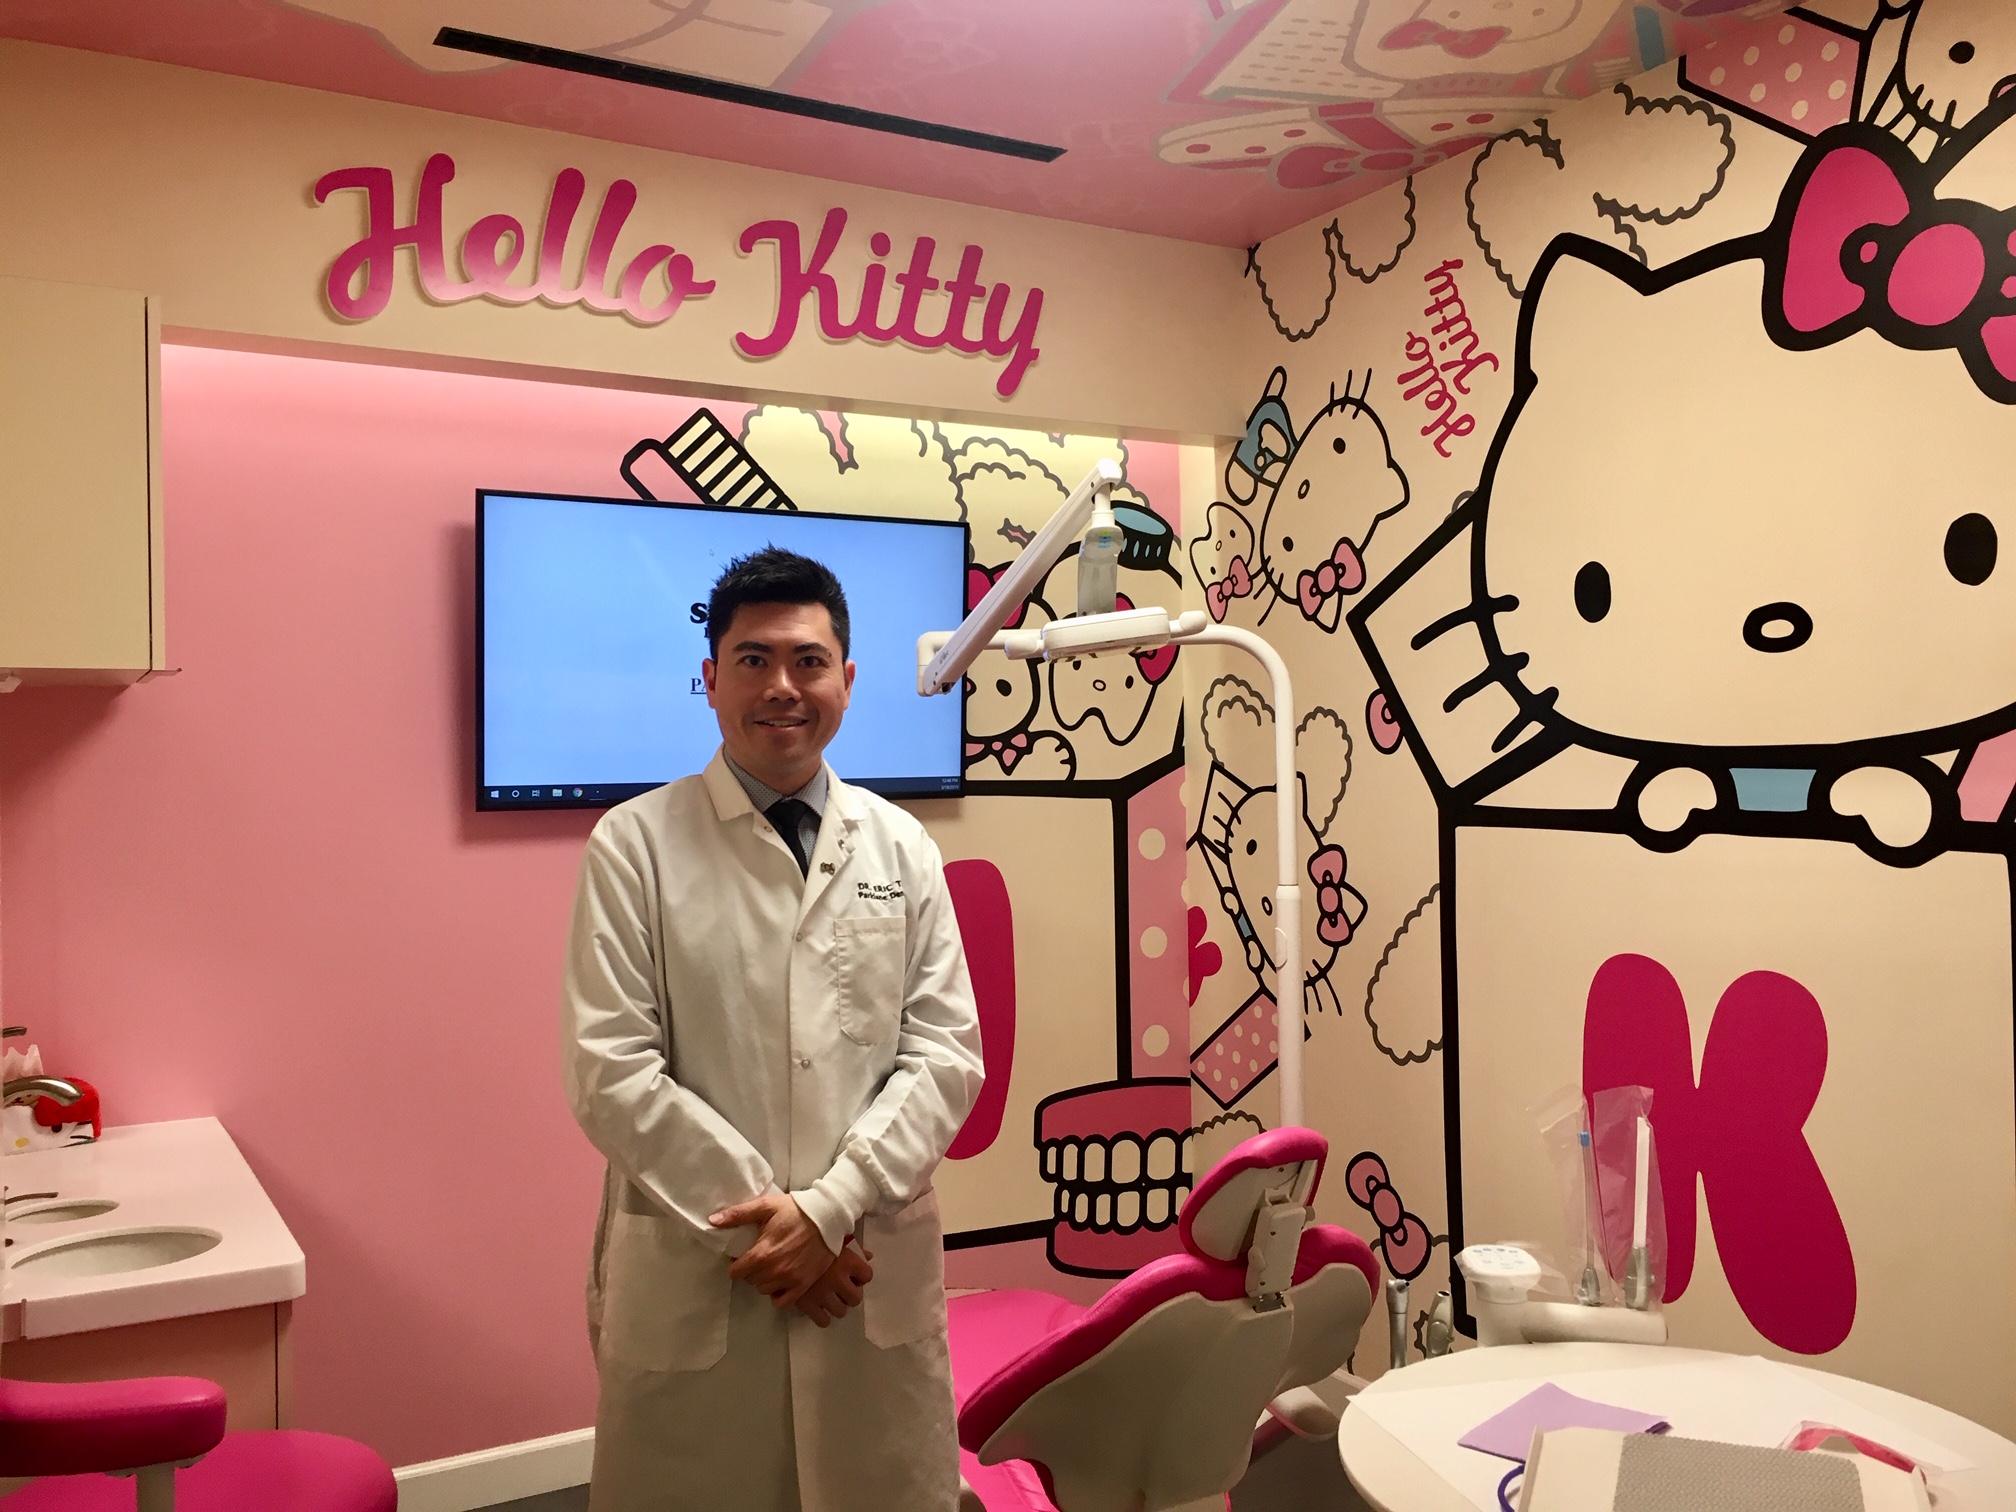 柏麗牙科創始人杜振軒與Hello Kitty 三麗鷗品牌合作,推出Hello Kitty & Friends系列主題牙科診所。柏麗牙醫提供